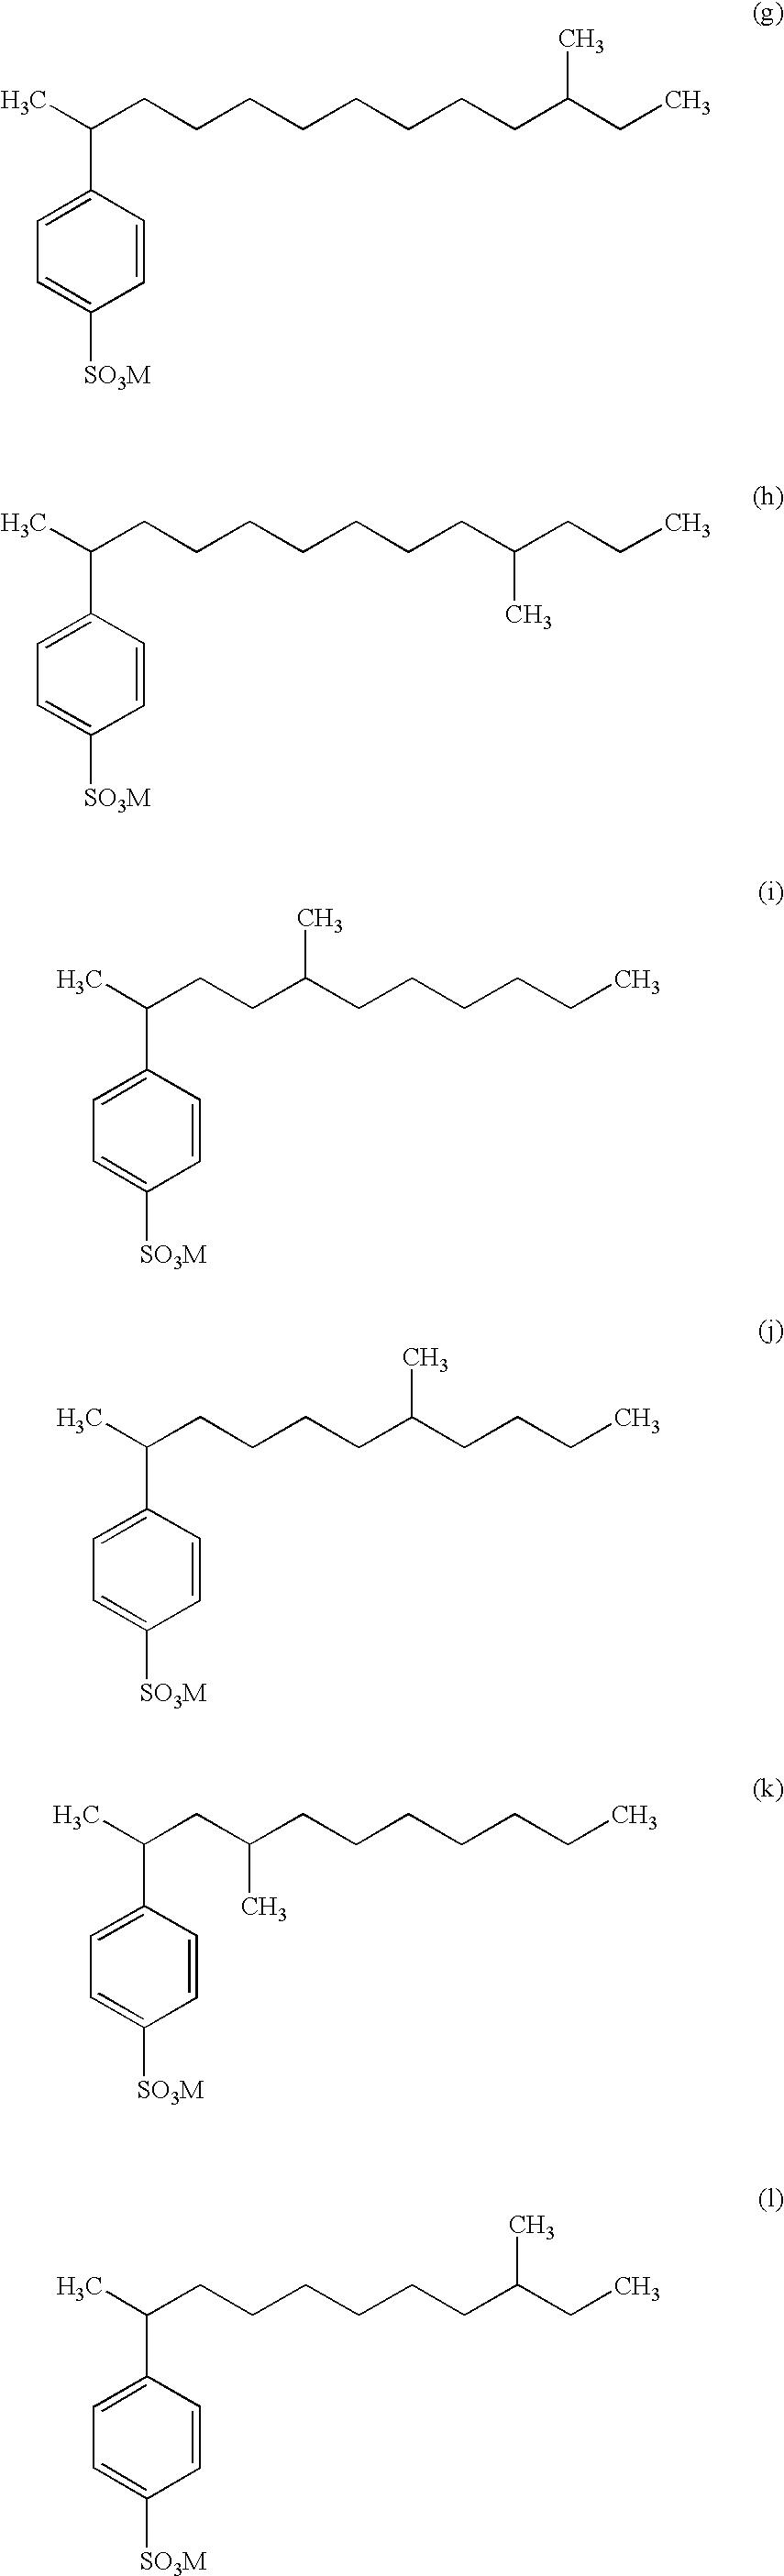 Figure US06514926-20030204-C00009